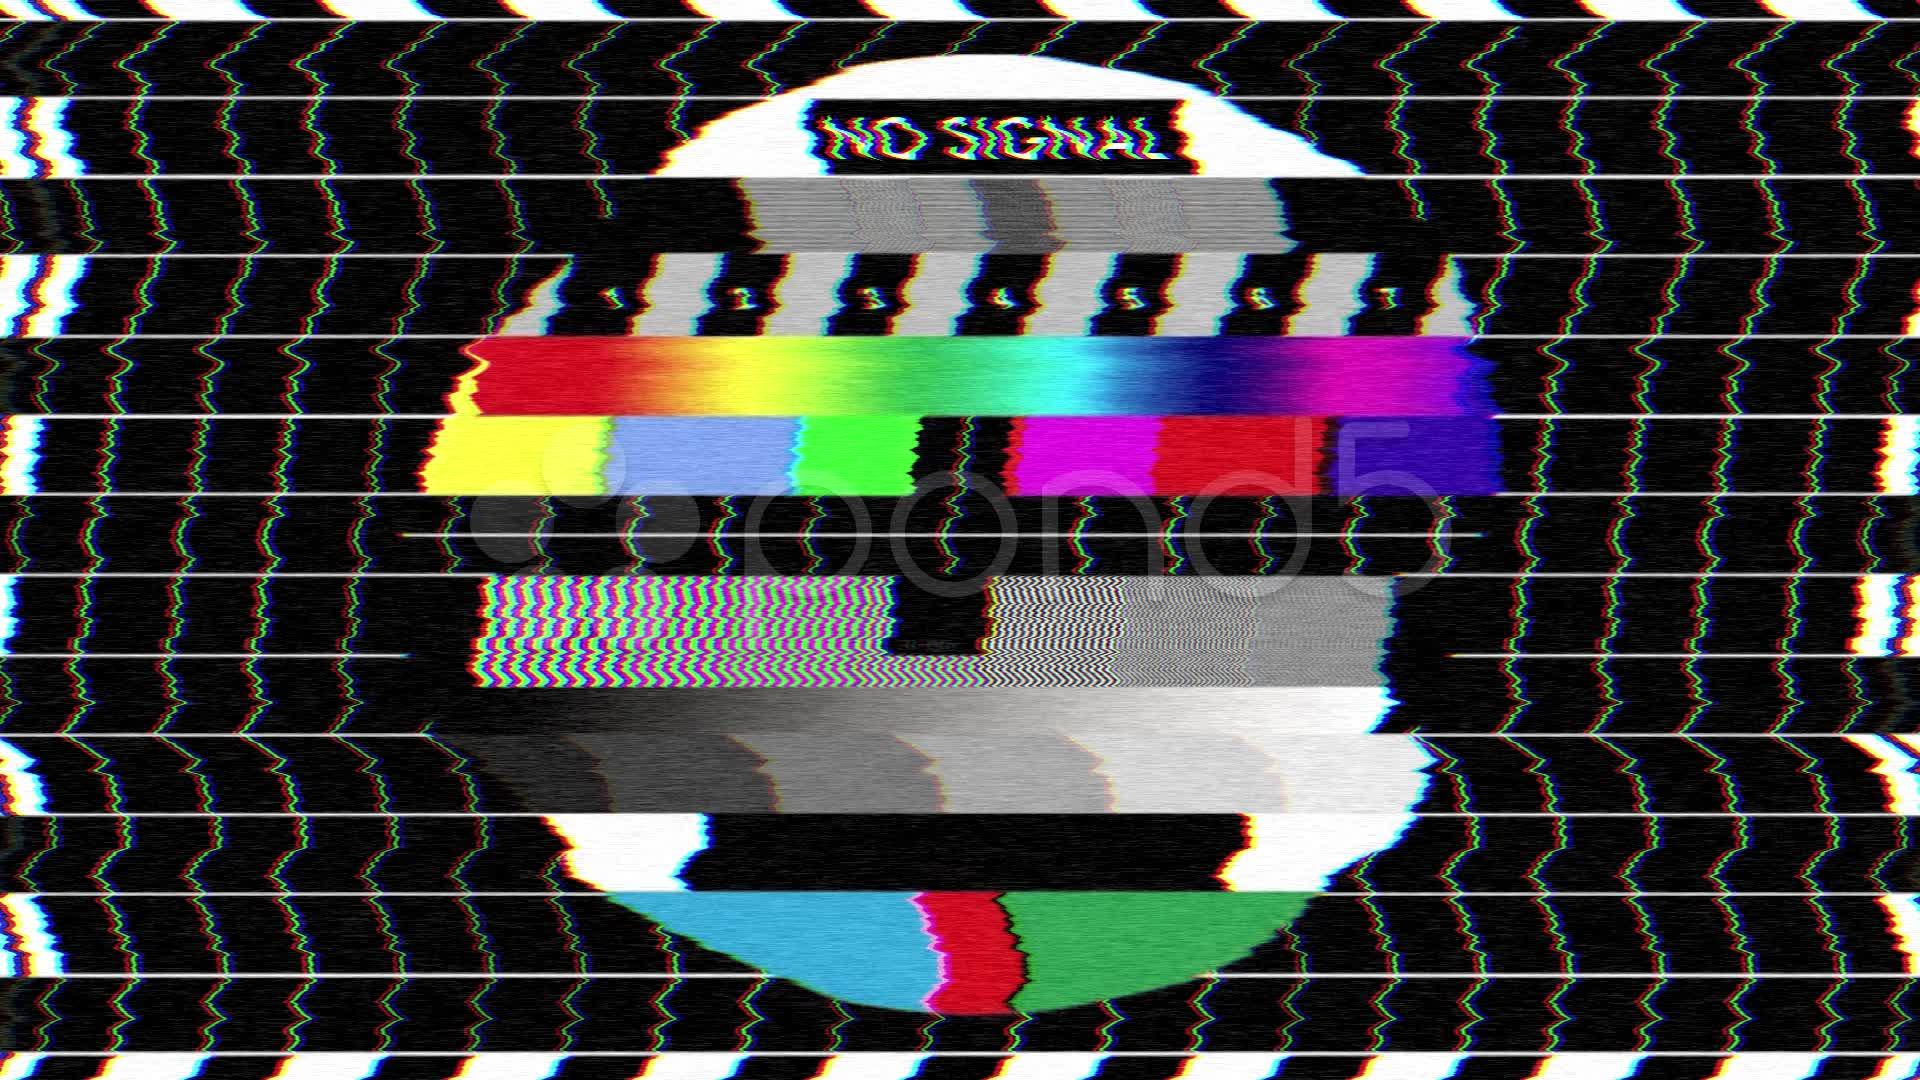 иконе картинка нет сети на телевизоре сорта небольшого